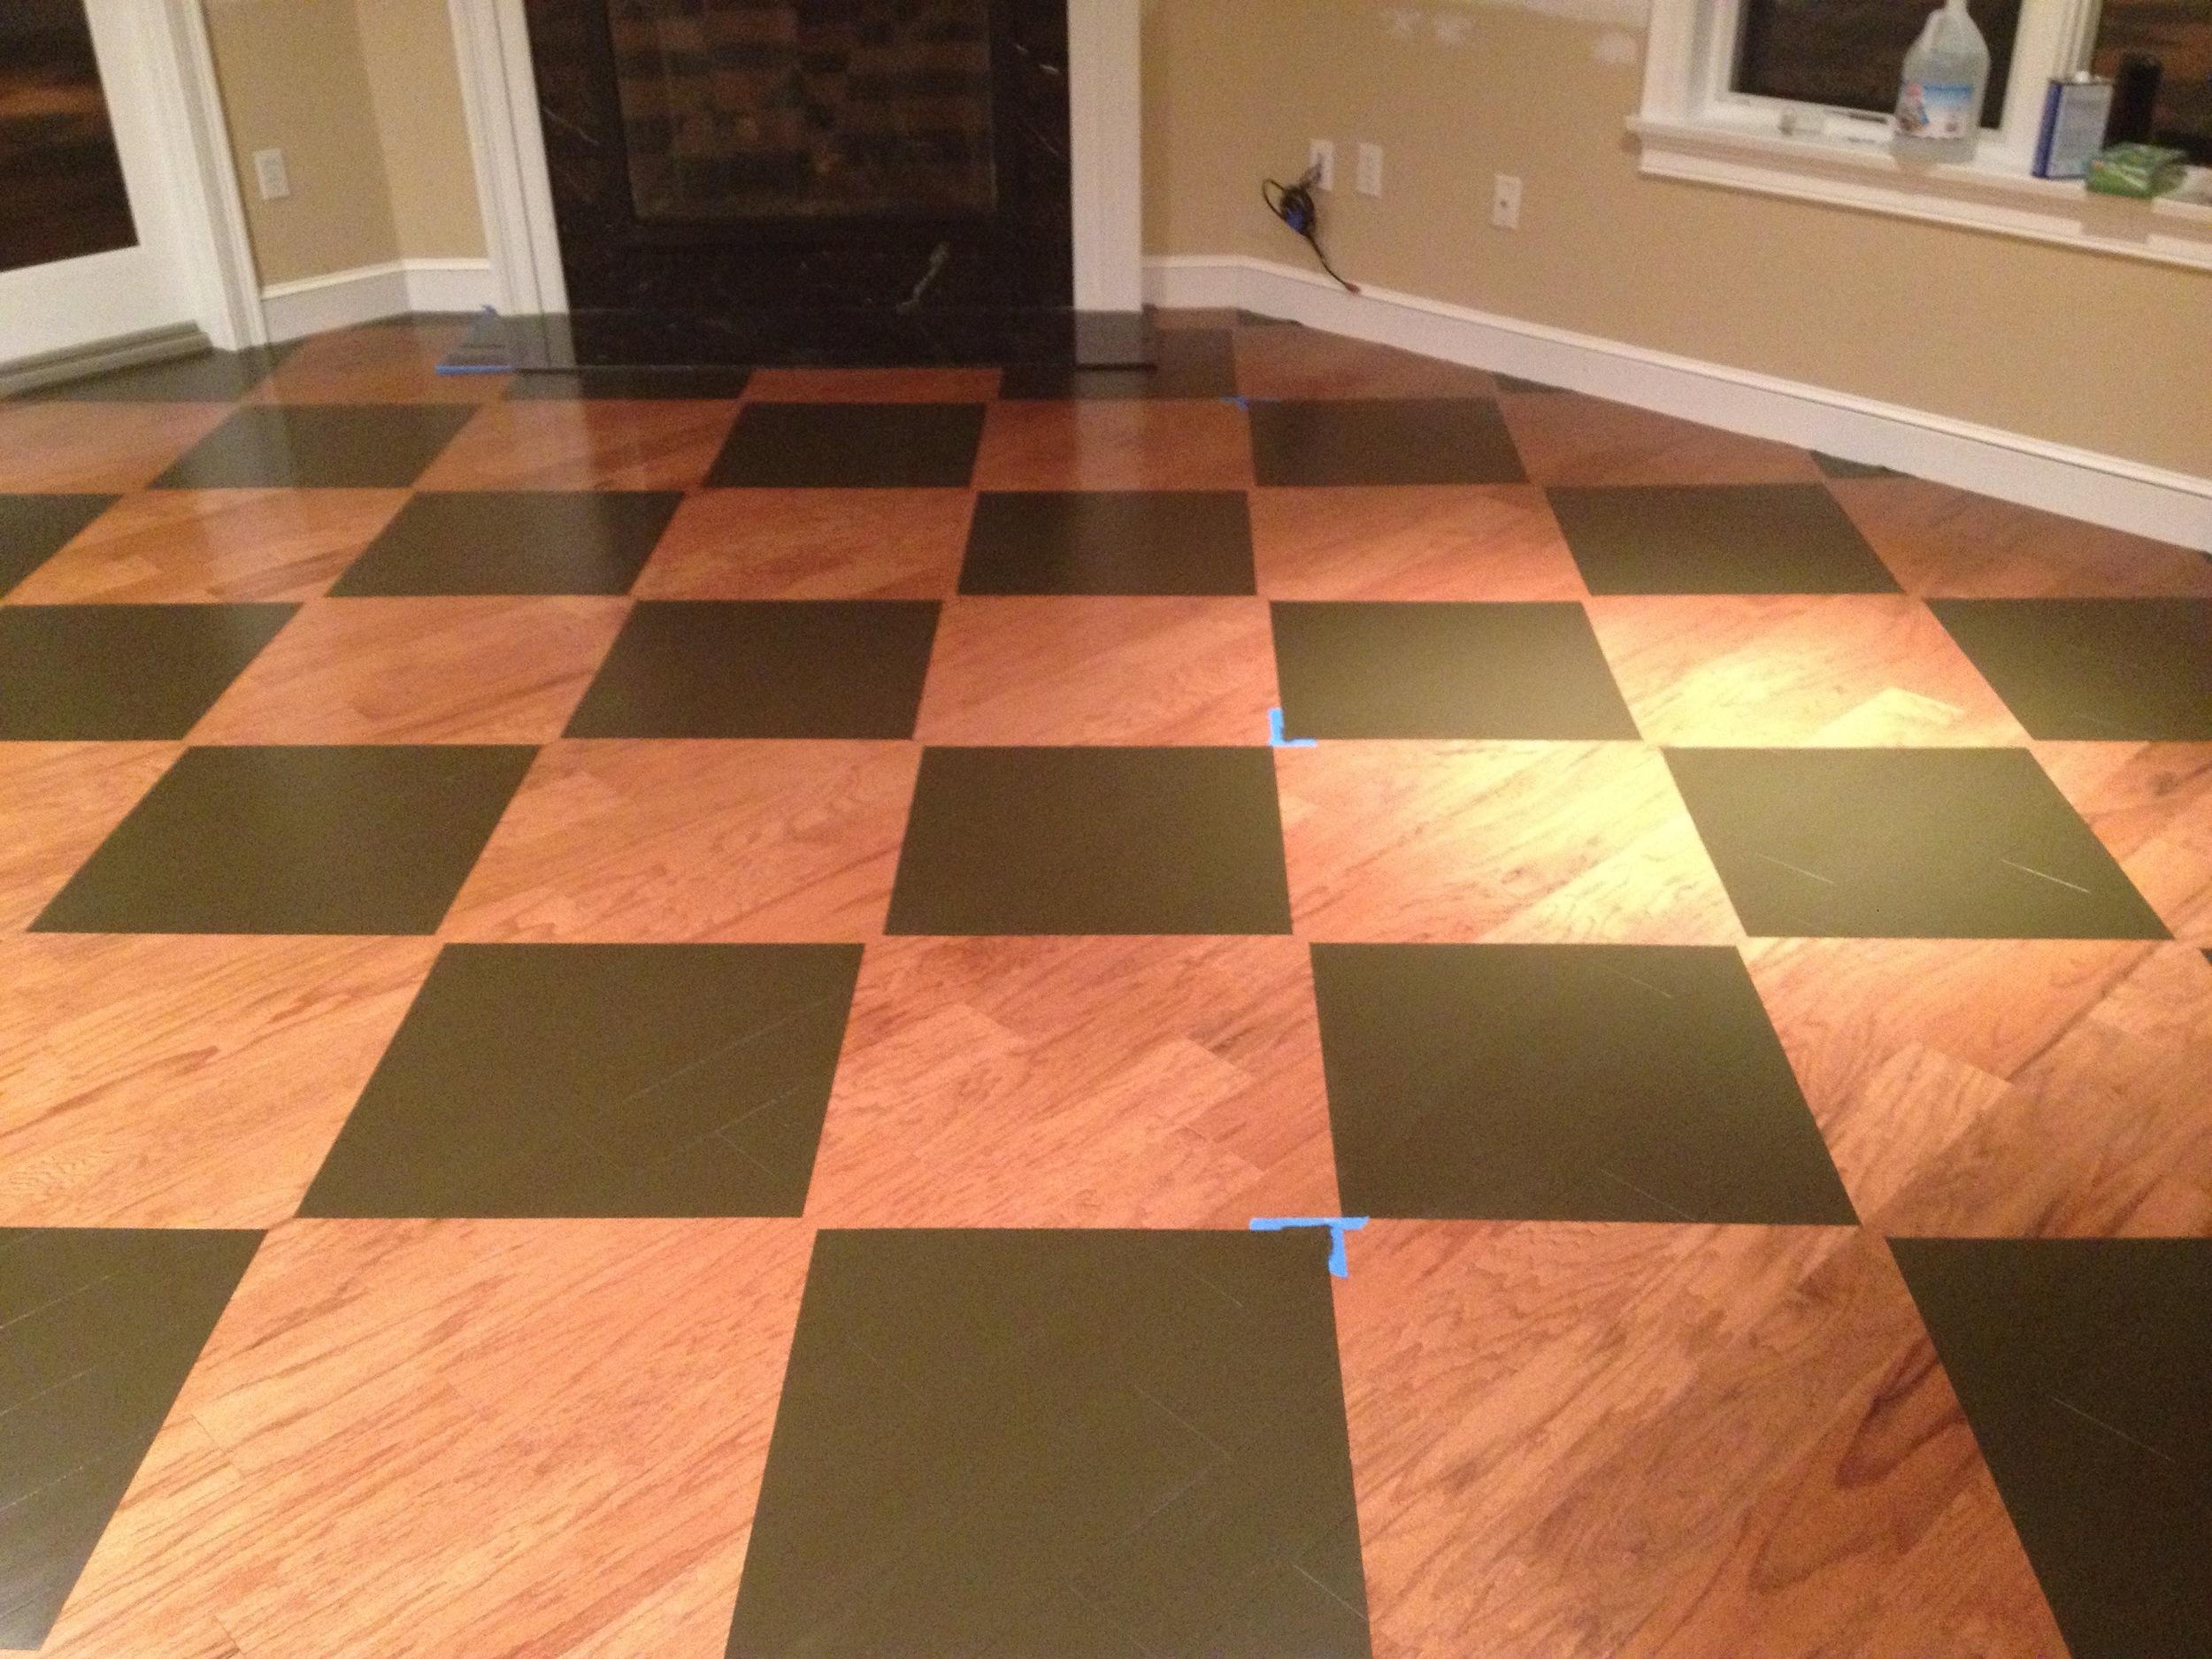 Open kitchen/dining room floor